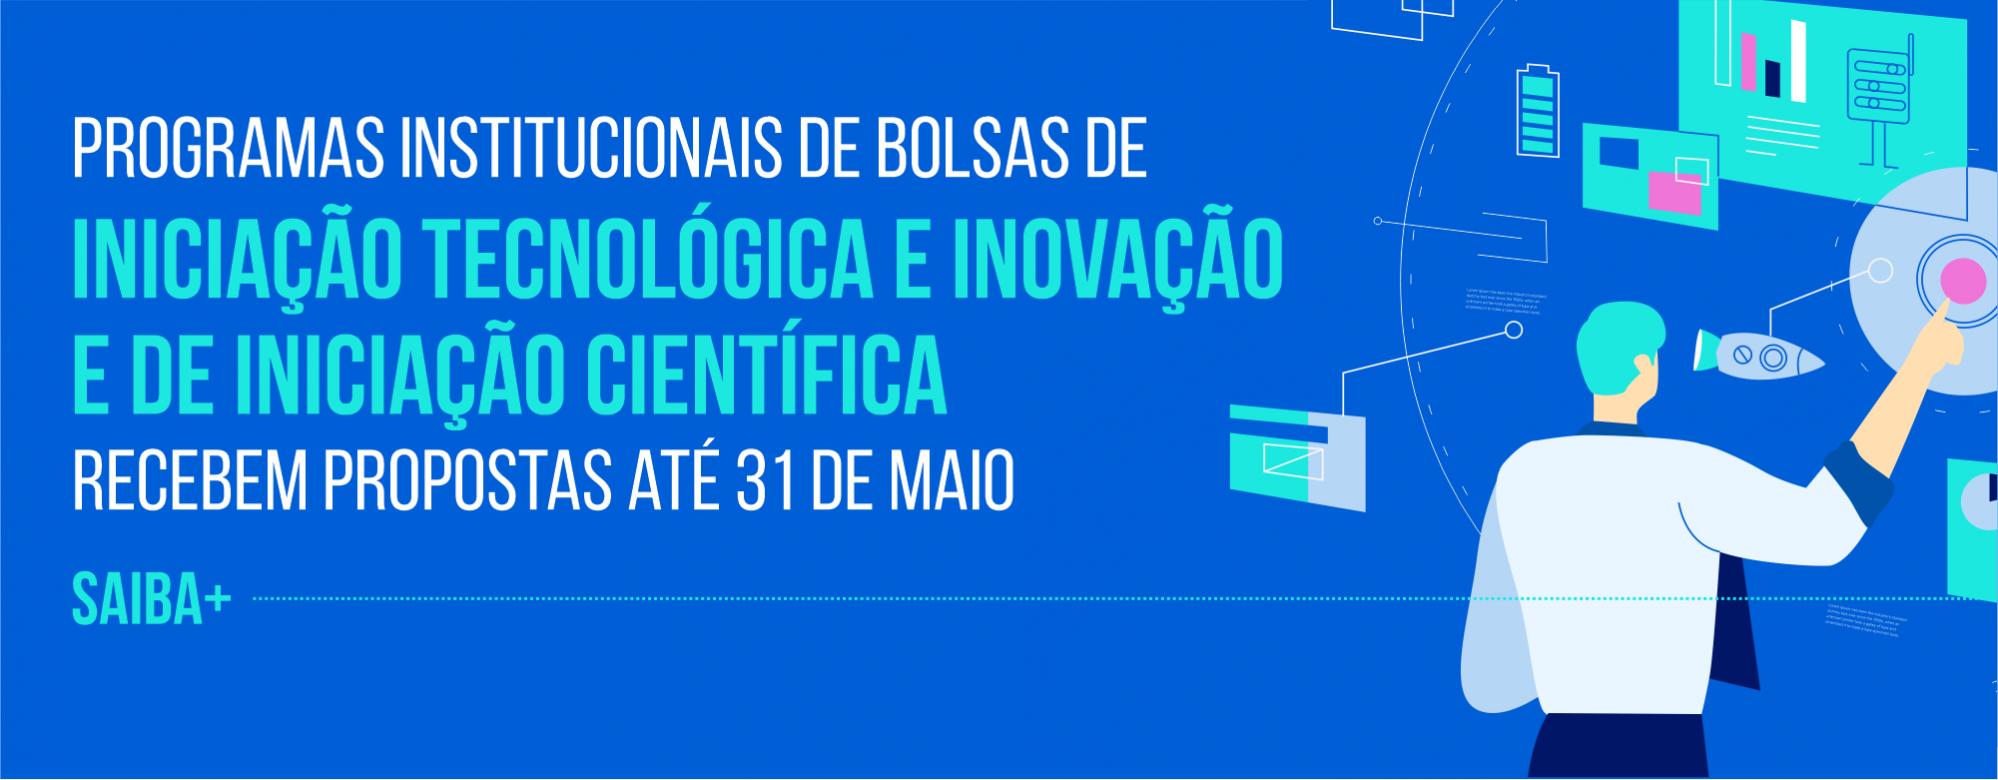 Programas Institucionais de Bolsas de Iniciação Tecnológica e Inovação e de Iniciação Científica recebem propostas até dia 31/05